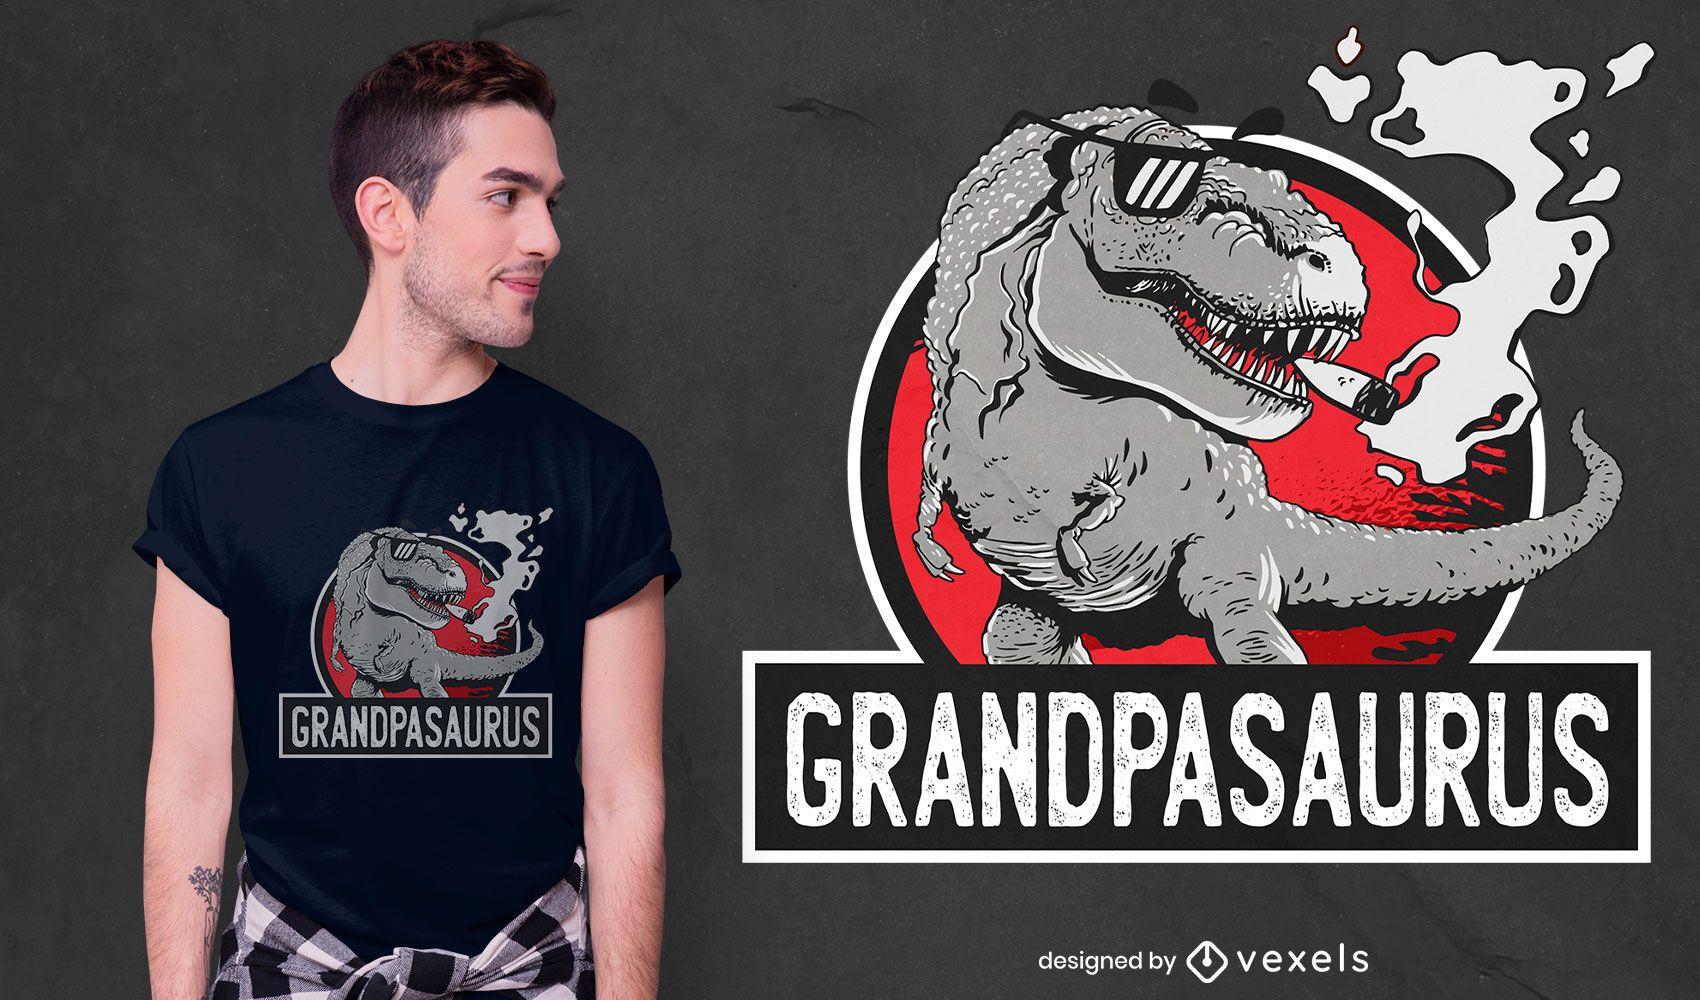 Großvater T-Rex Dinosaurier T-Shirt Design